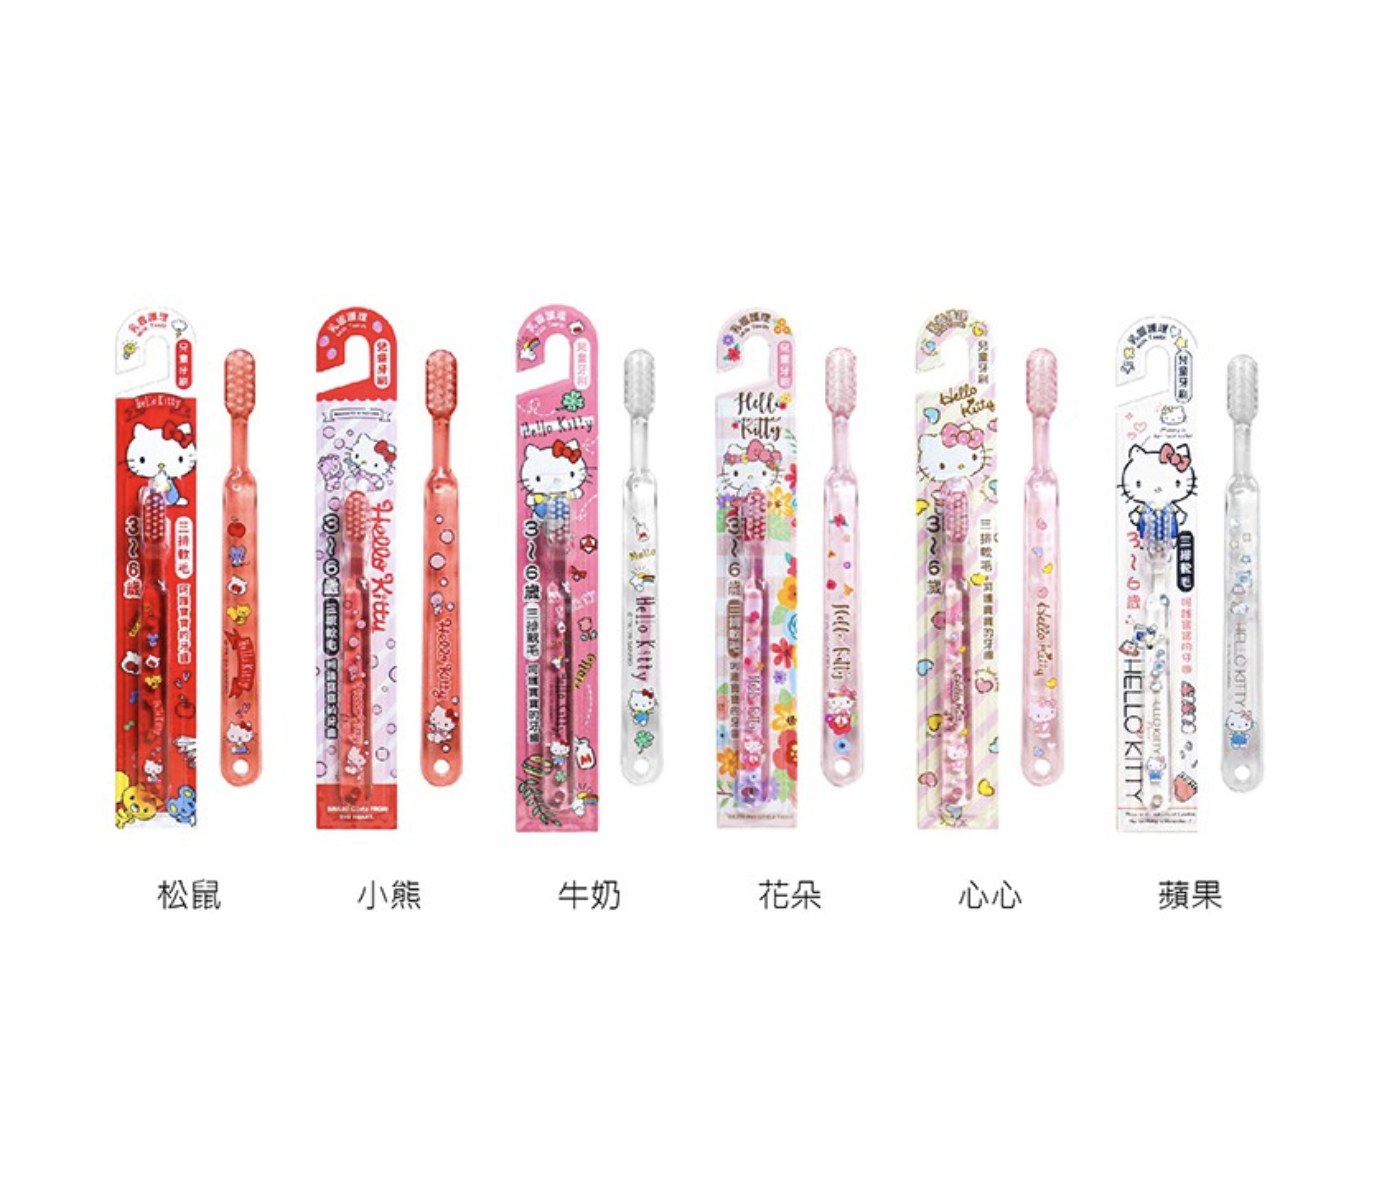 Hello Kitty 兒童牙刷 6種款式 正版授權 台灣製造